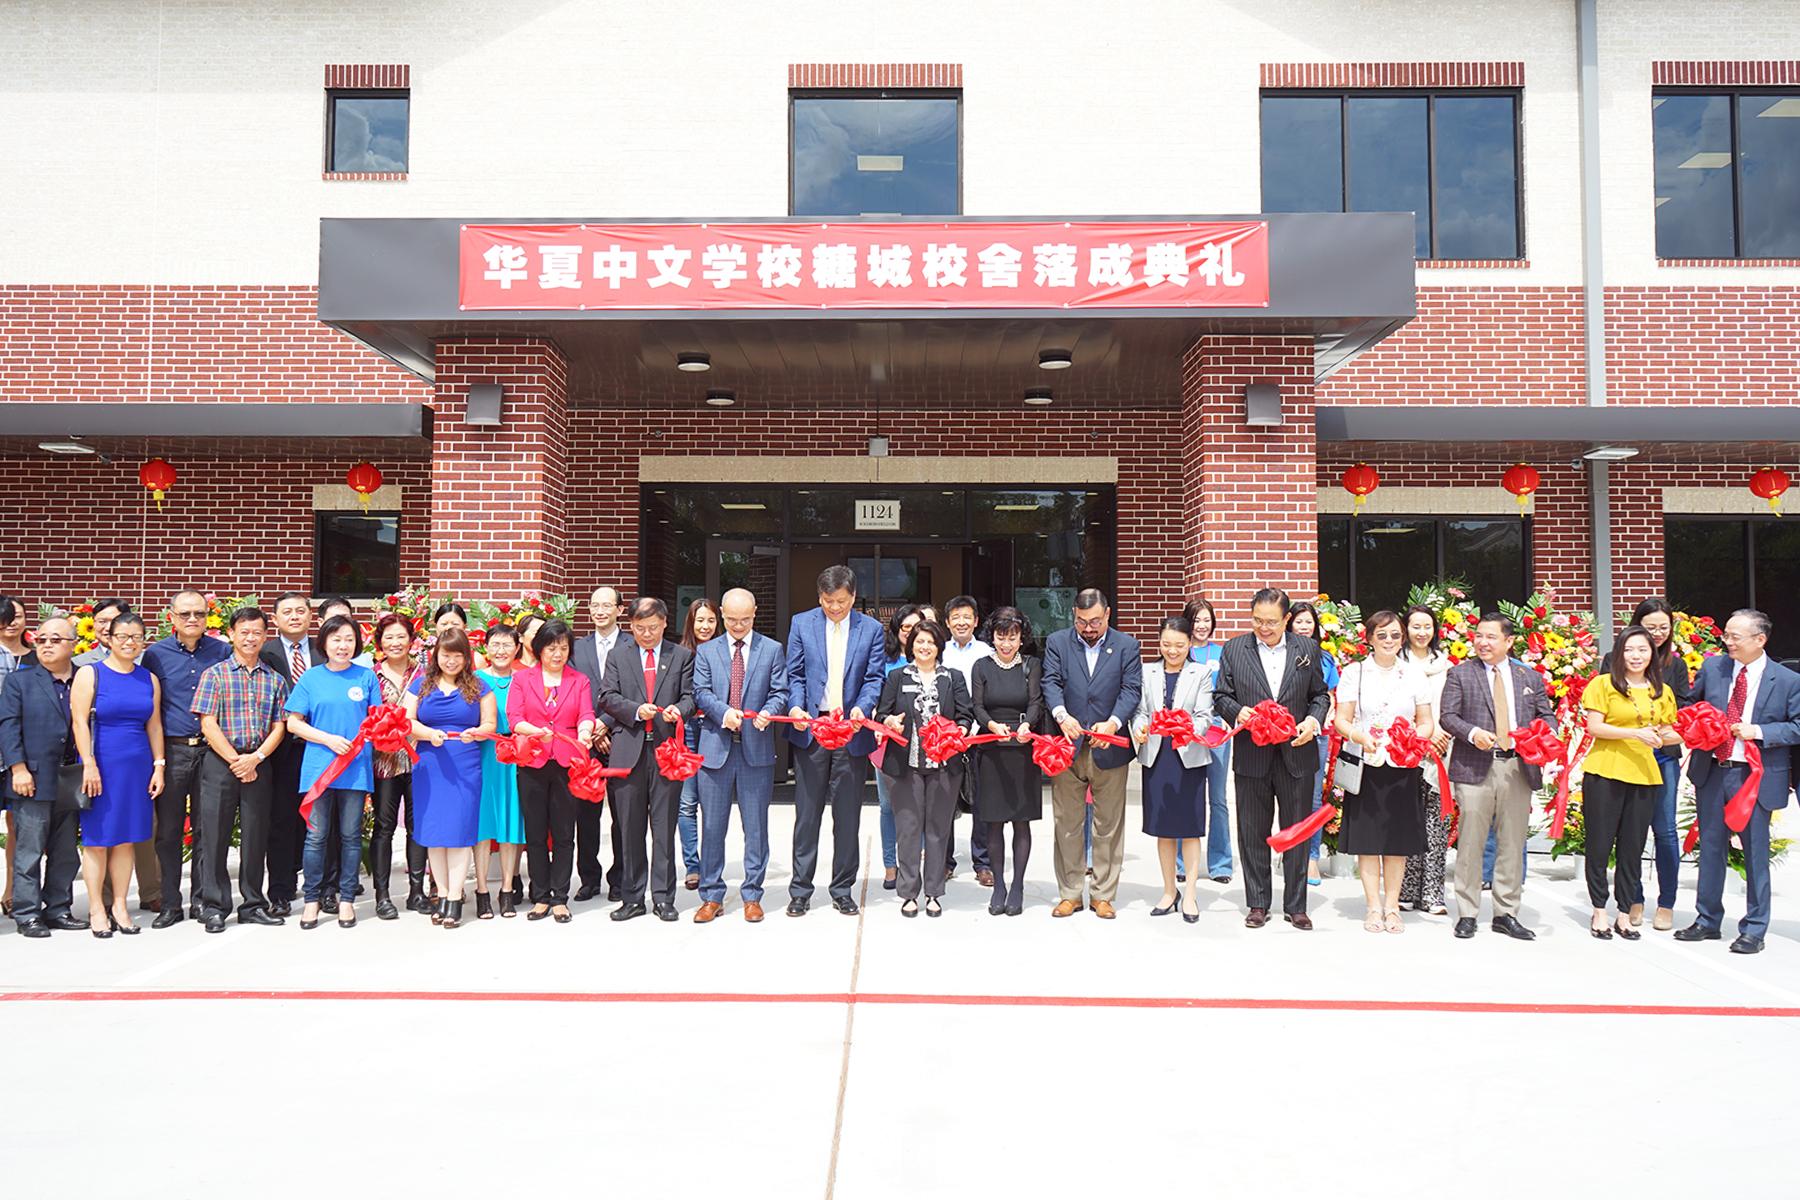 1. 華夏中文學校糖城分校新校區教學大樓落成剪綵。